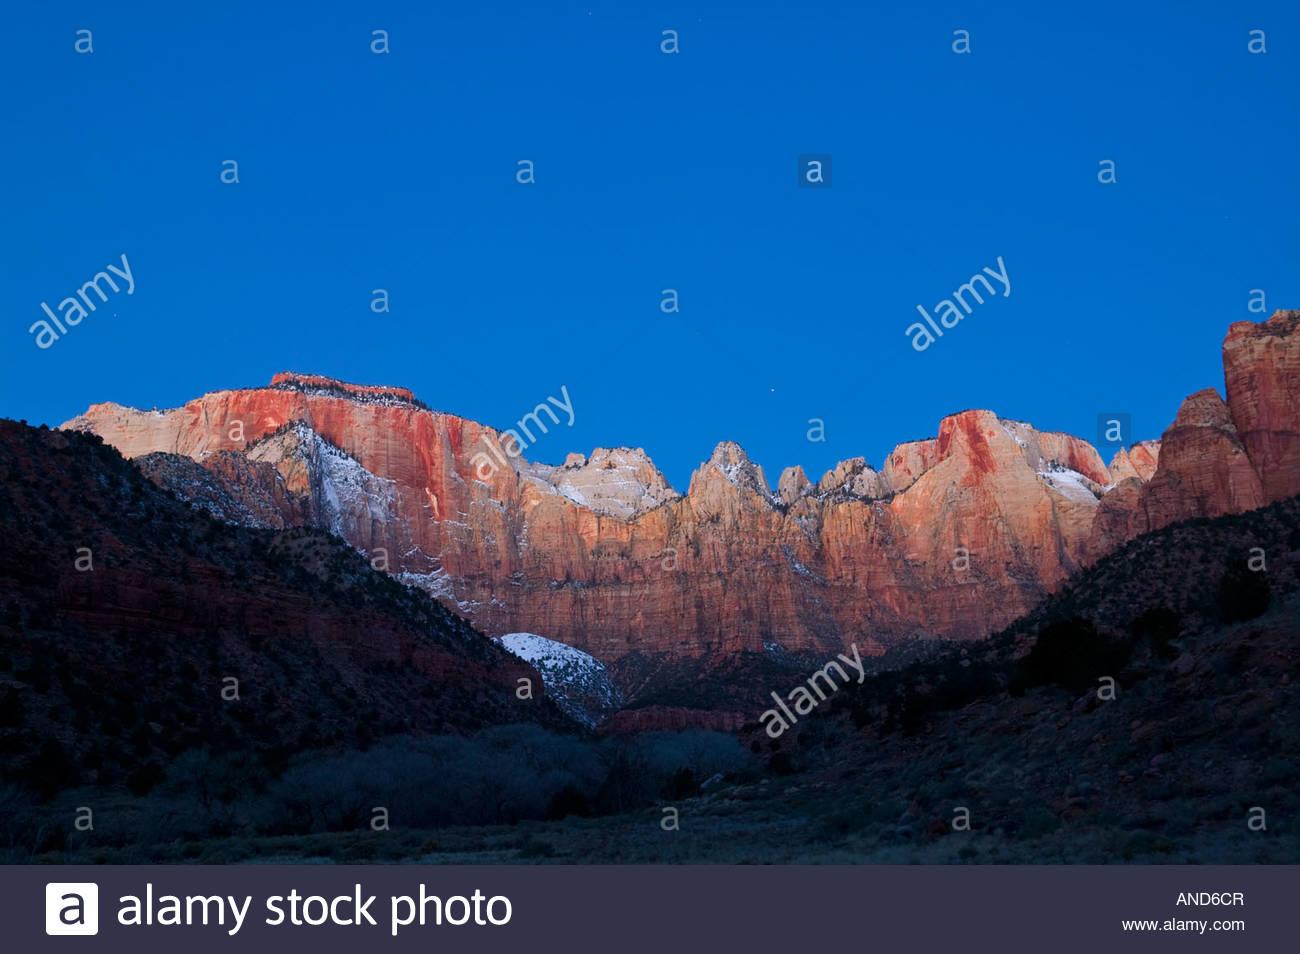 Les sommets qui composent les tours de la Vierge dans le parc national de Zion, Utah sont éclairés à Photo Stock